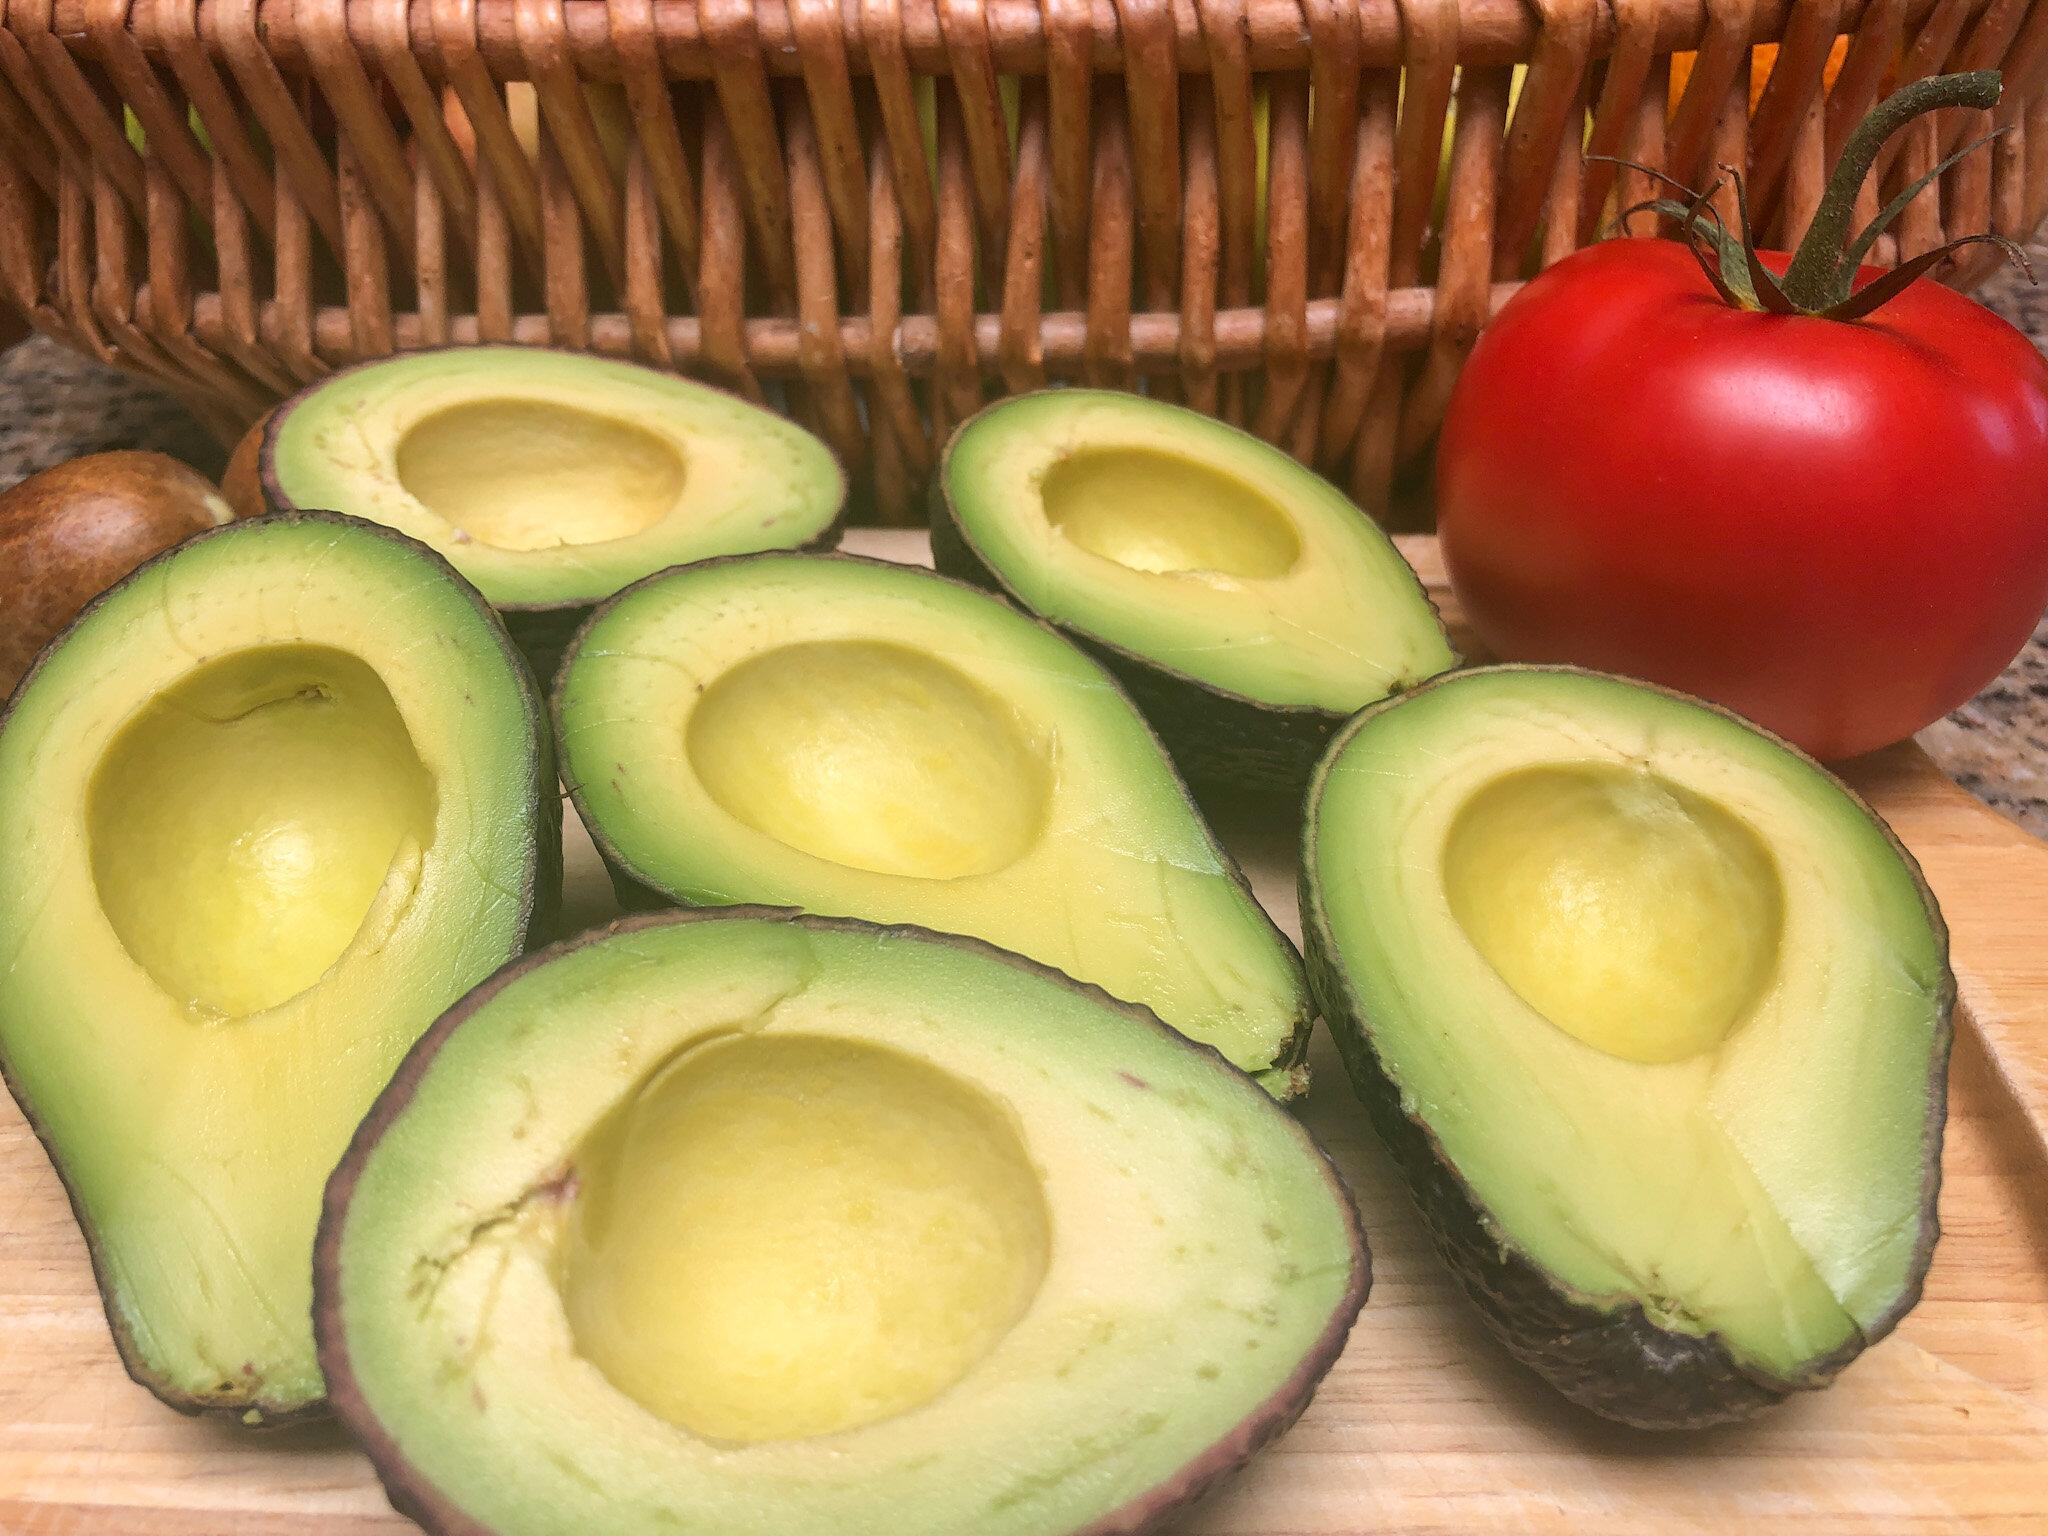 Avocados for Super Simple Guacamole